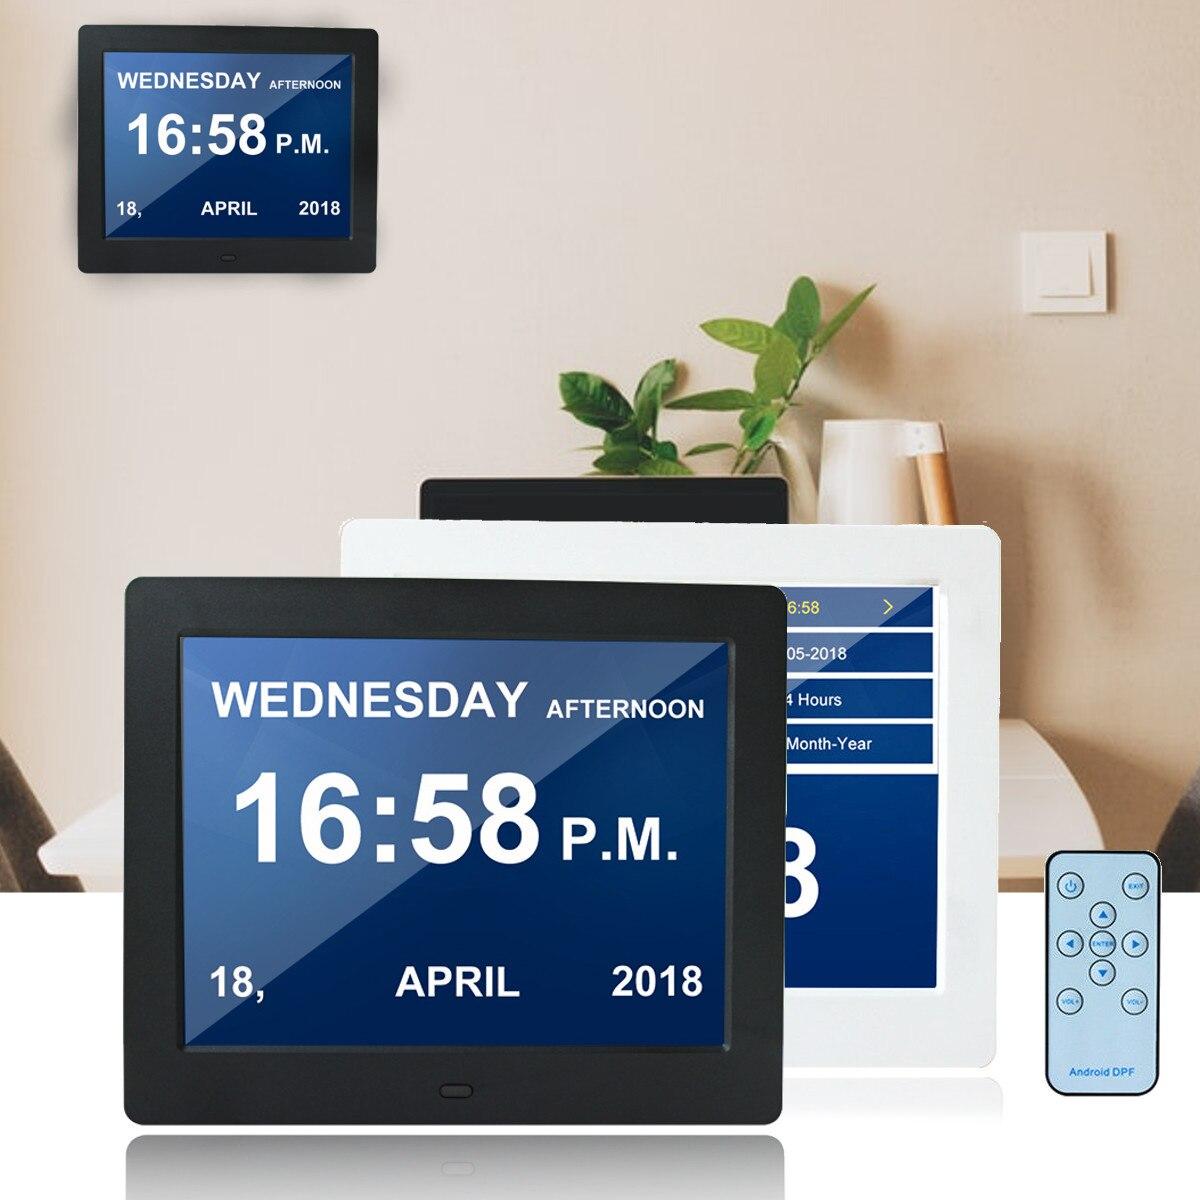 8 светодио дный LED Dementia цифровой календари будильник большой письмо Мультимедиа + удаленного путешествия Офис стол часы